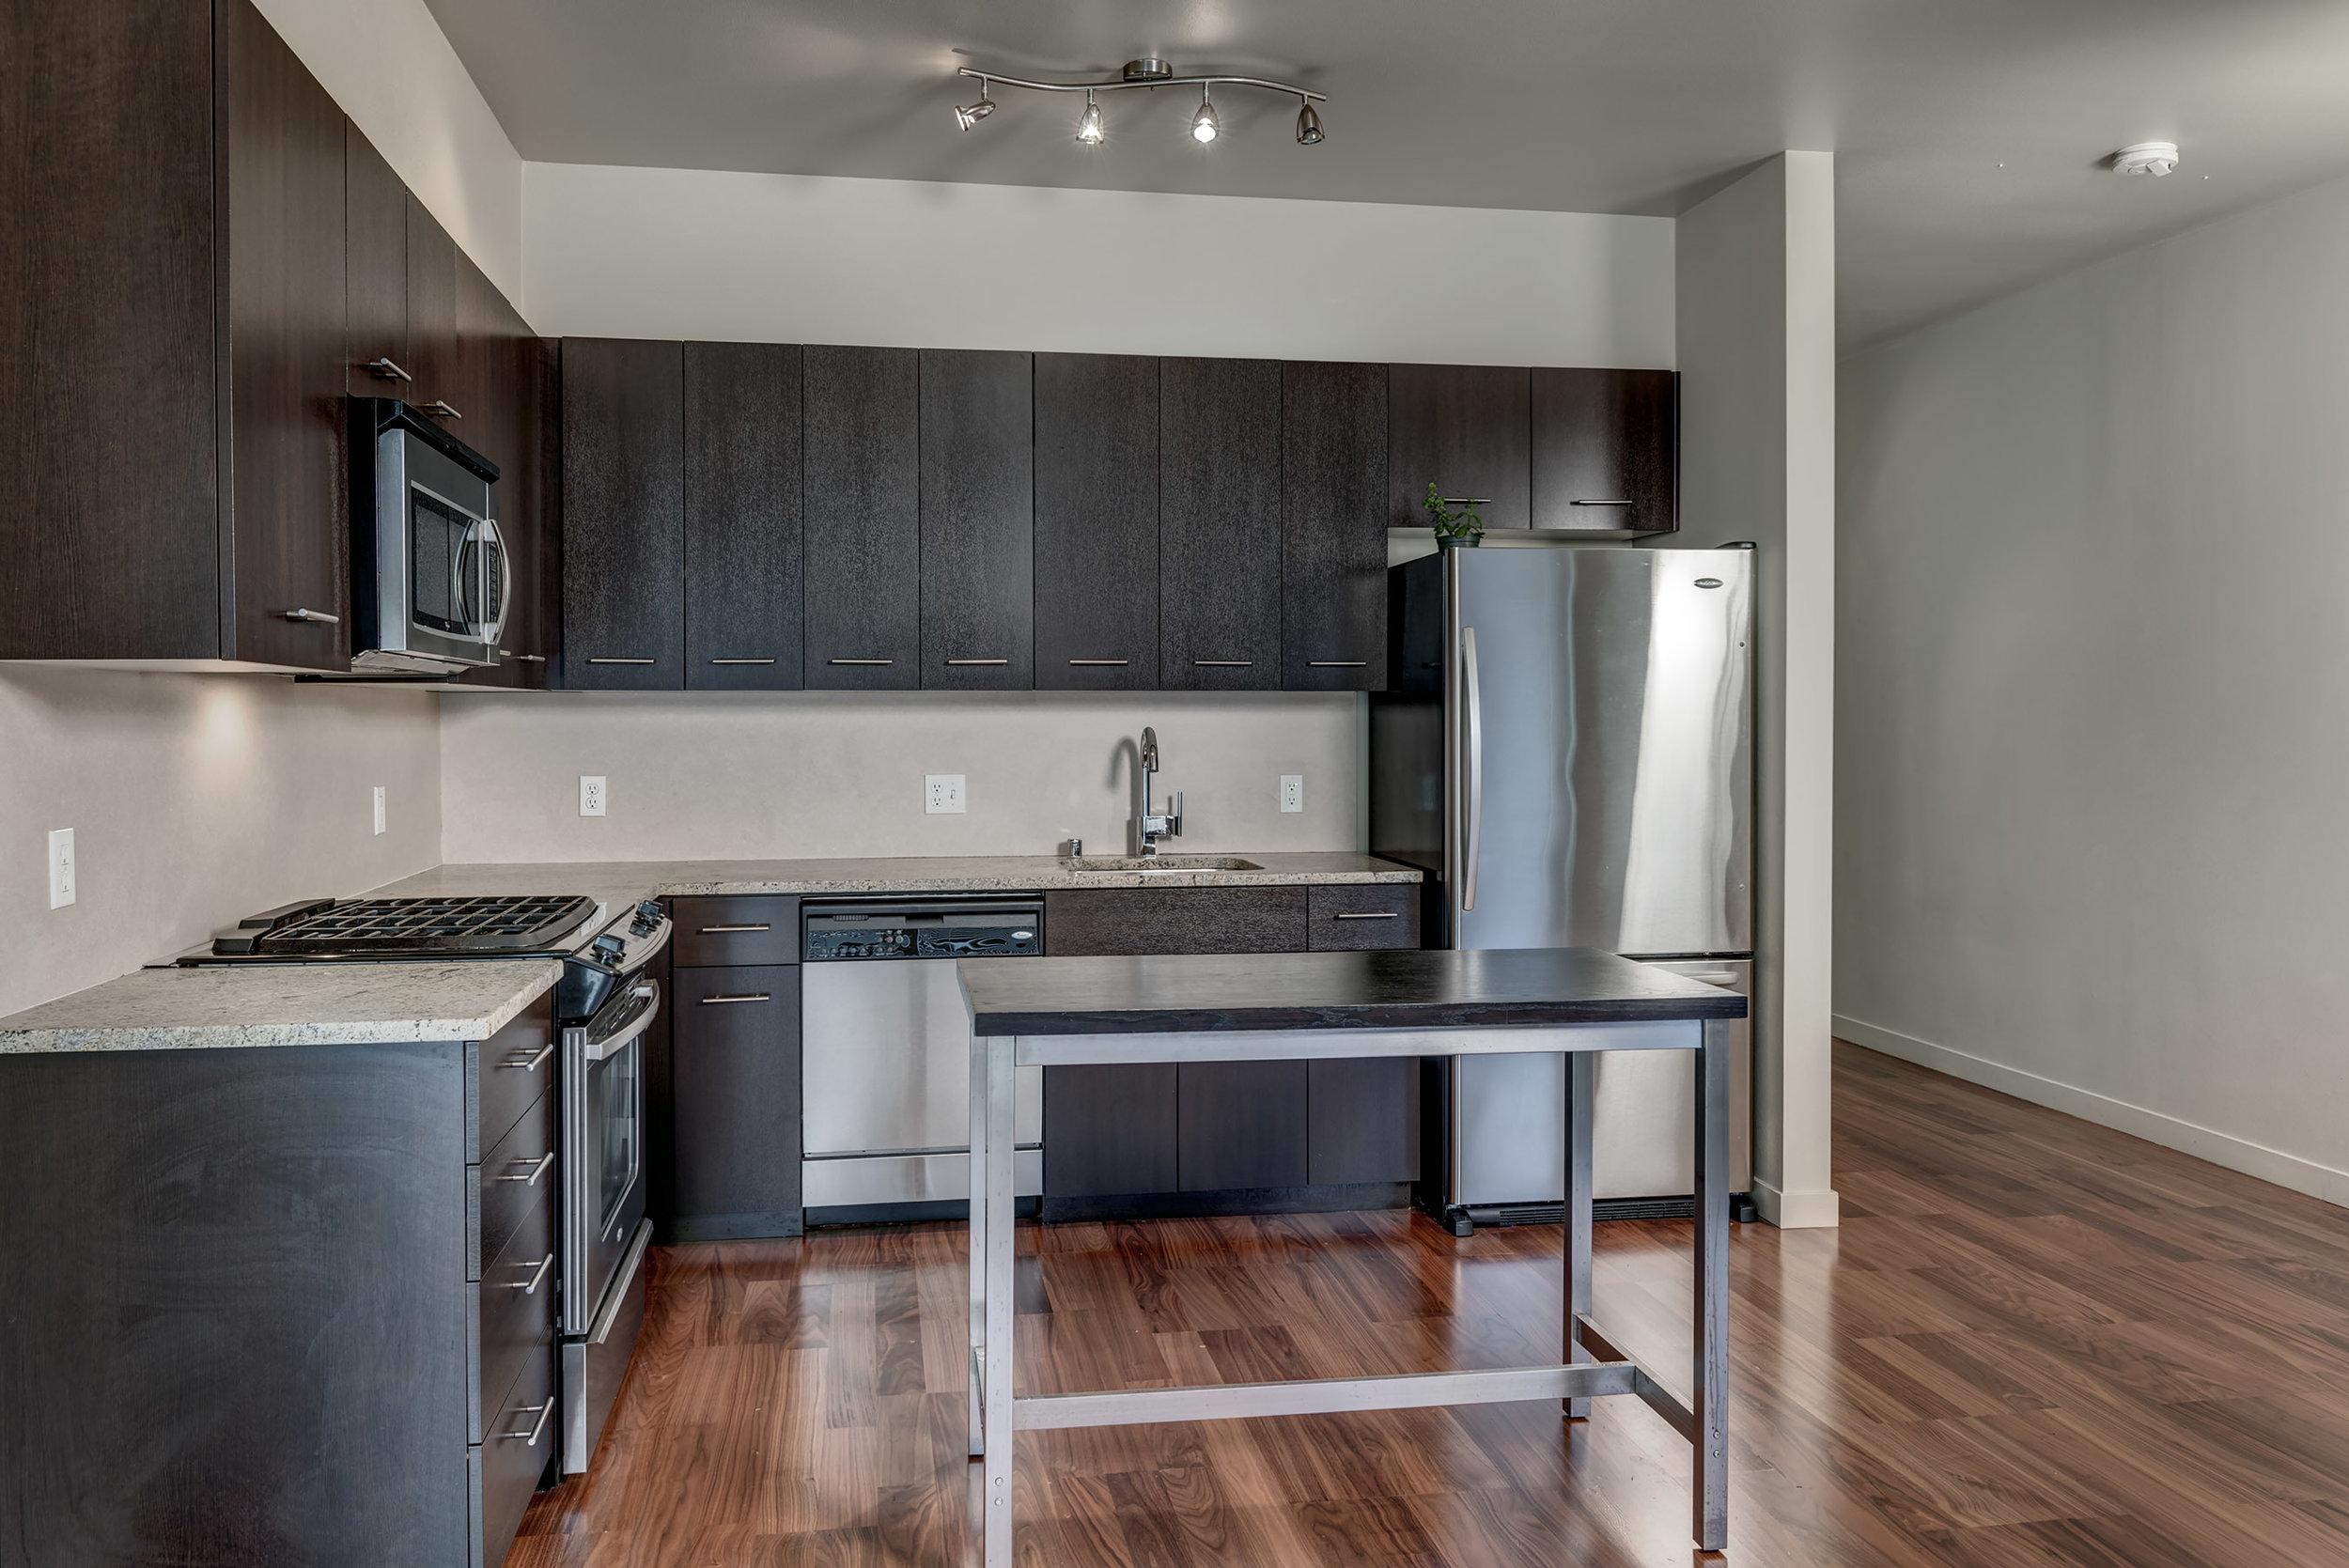 11-Kitchen05.jpg